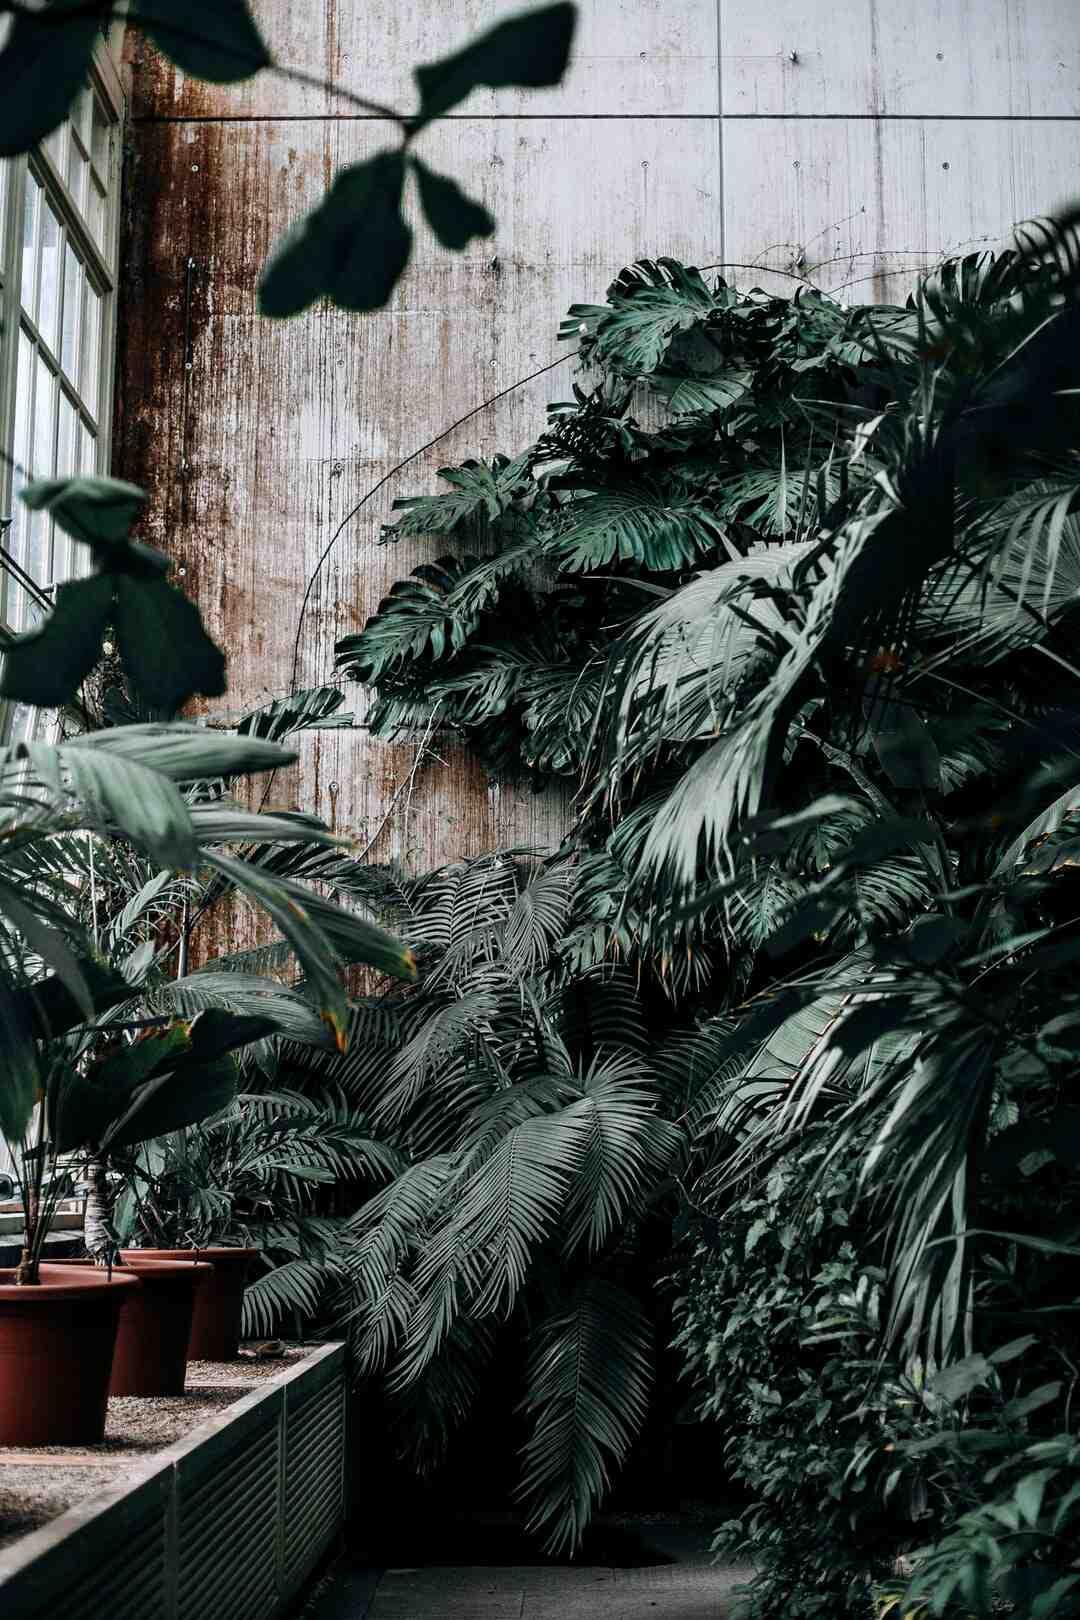 Comment bien arroser les plantes ?